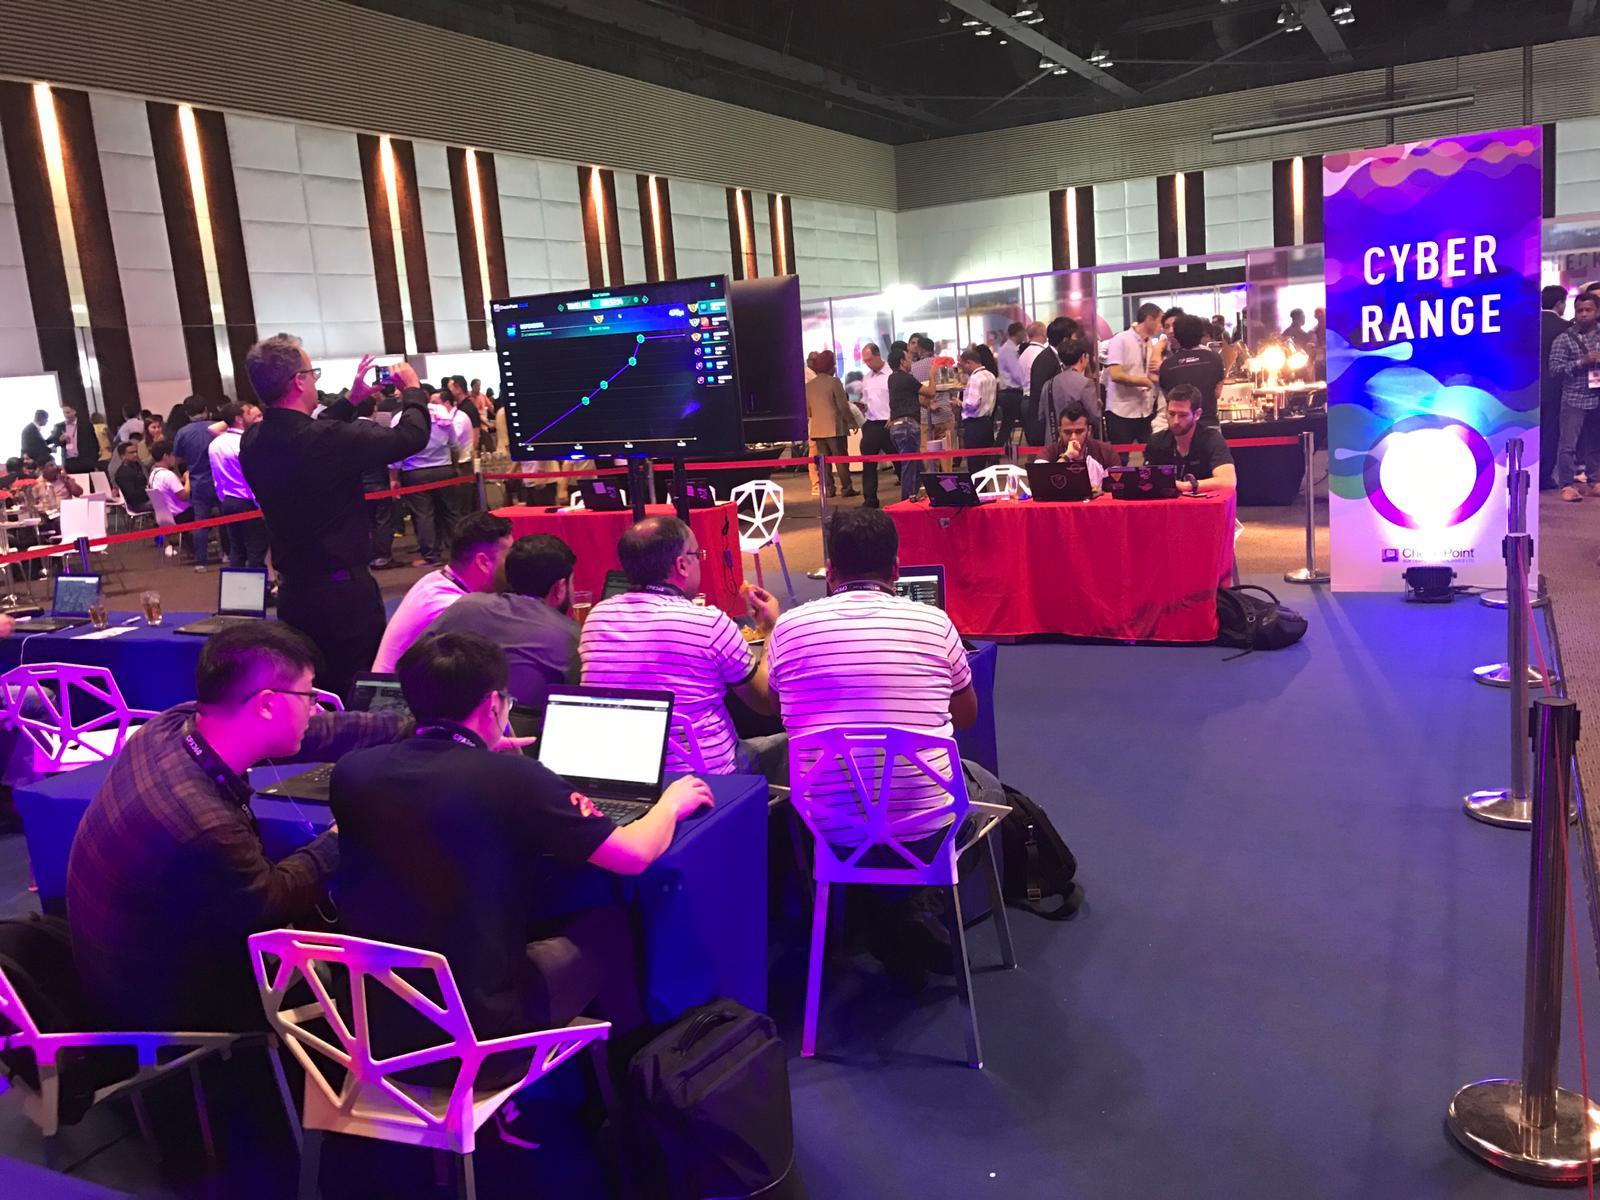 Cyber Range at CPX 360 Bangkok